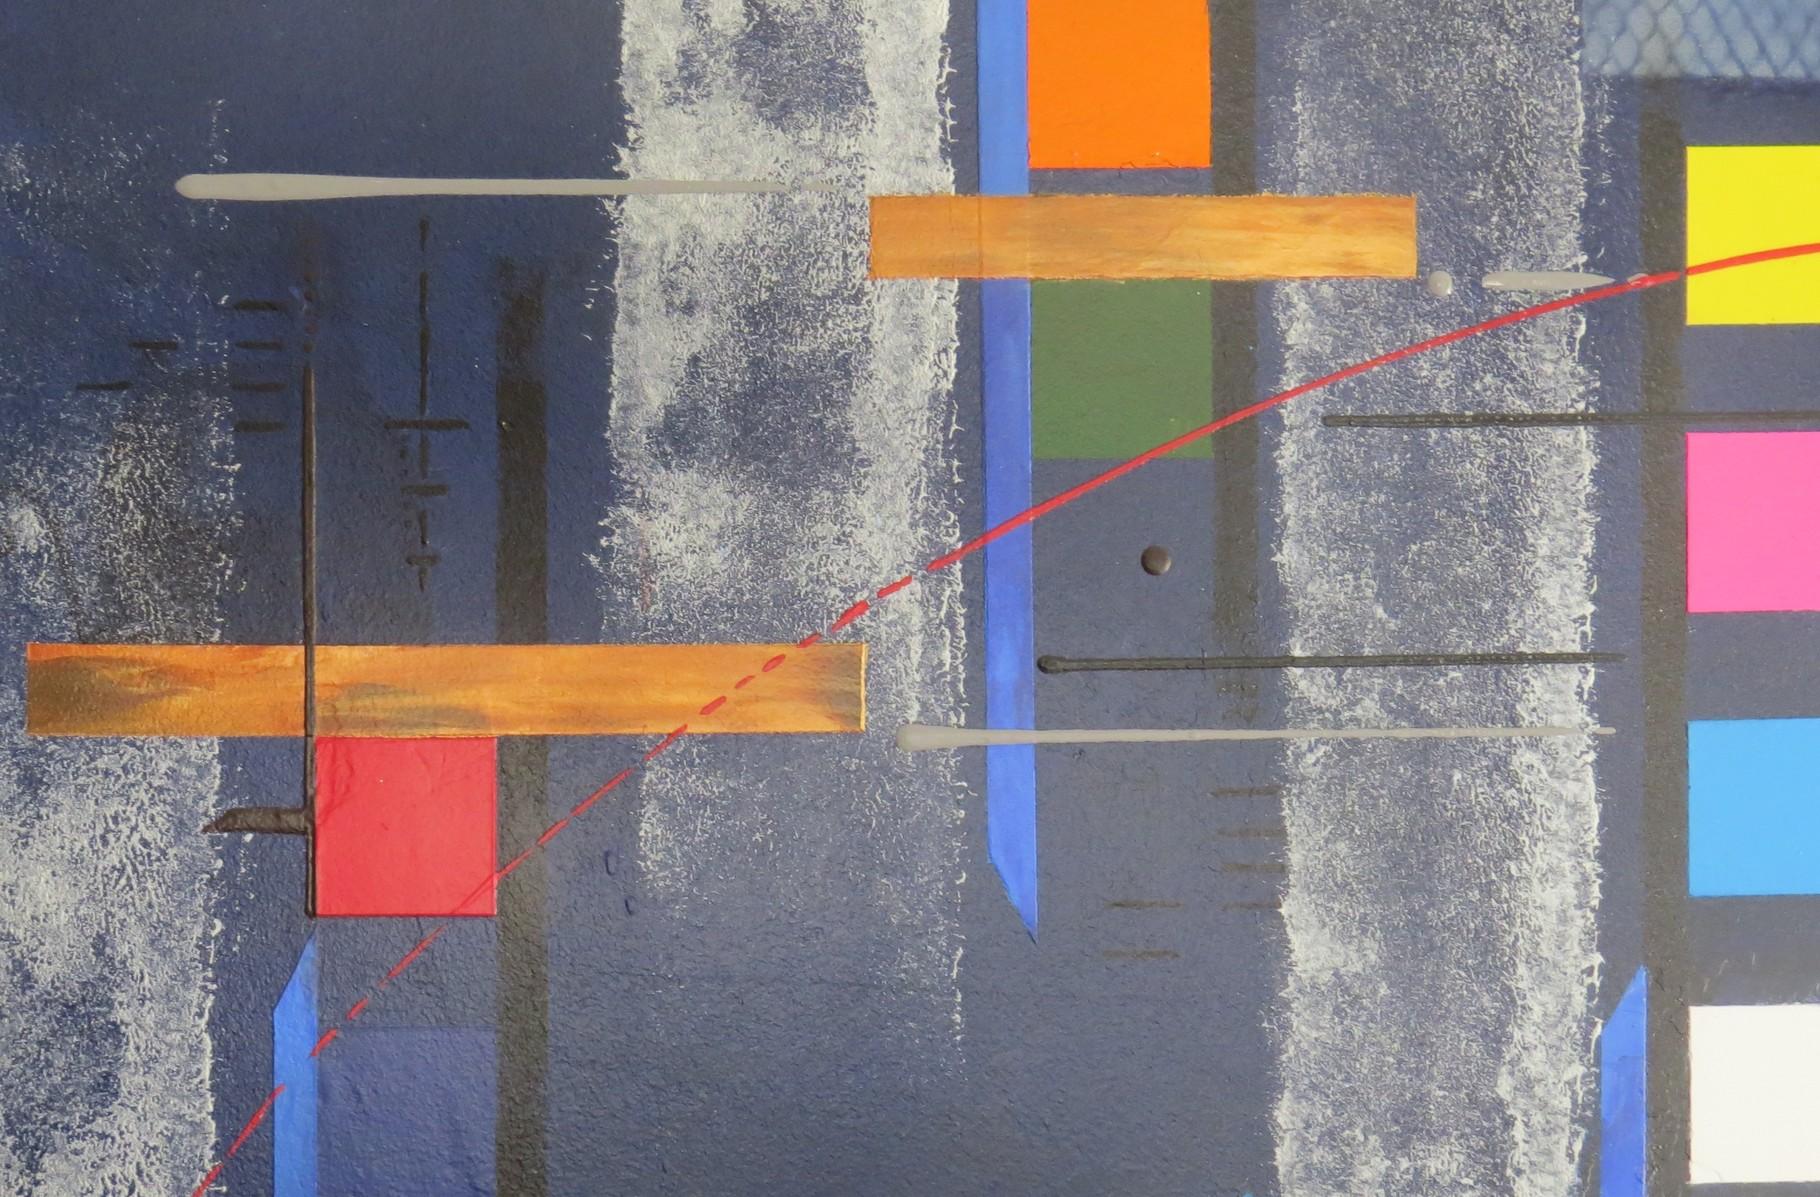 bleu d'argent vue zoom6 - daluz galego tableau abstrait abstraction